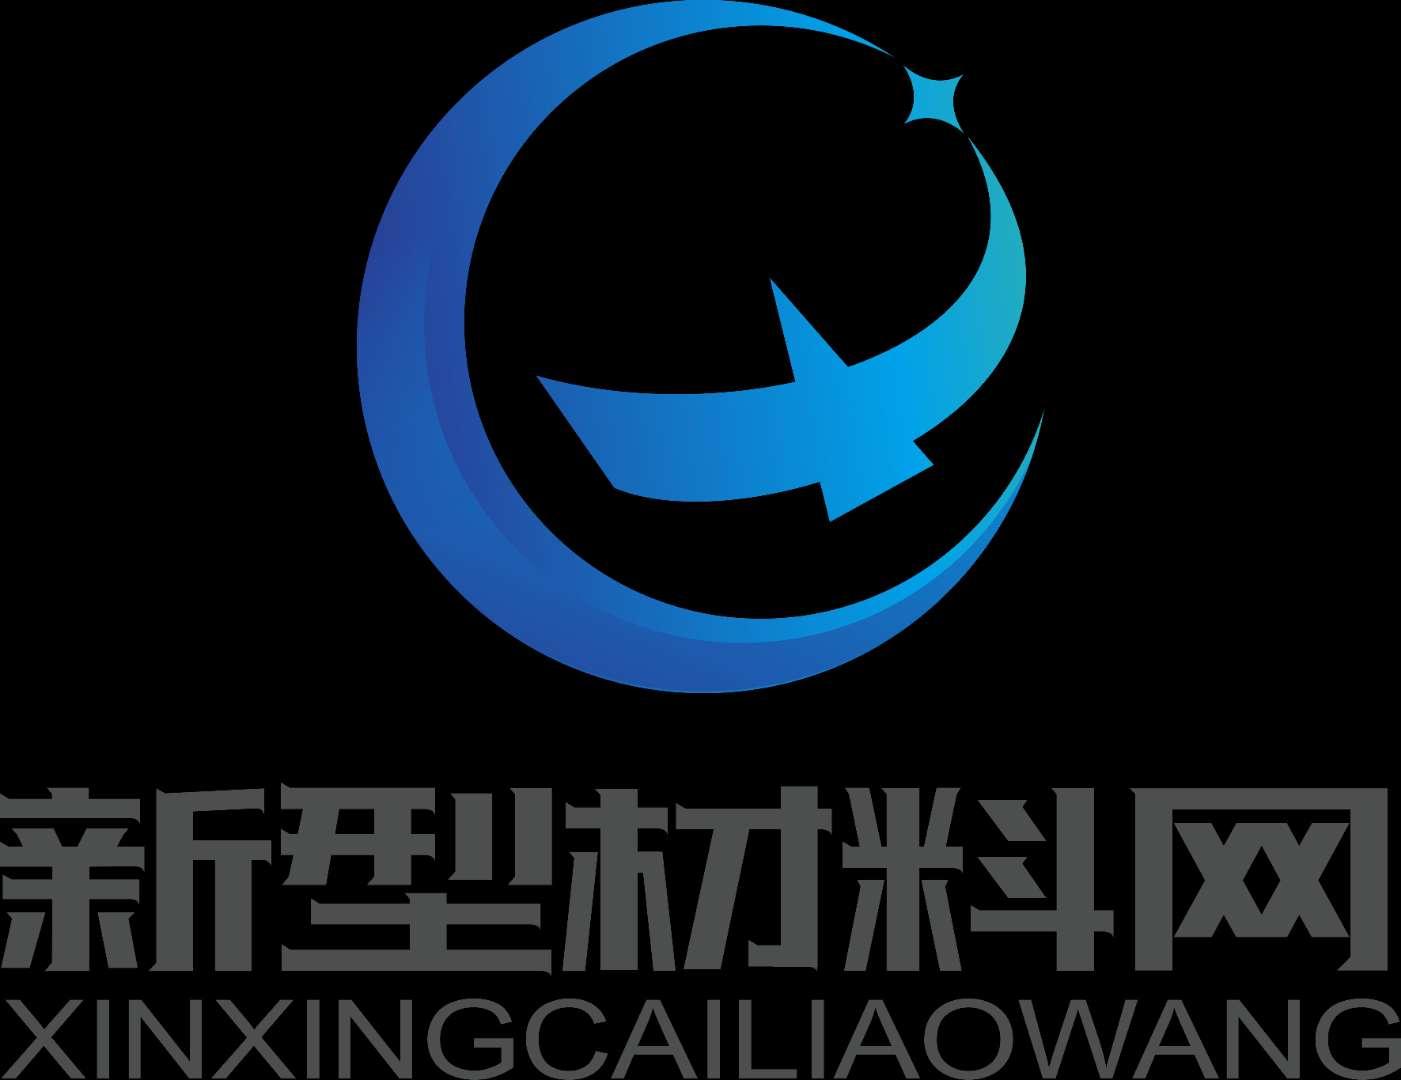 中国新型材料网加盟费多少钱|新型材料商城招商